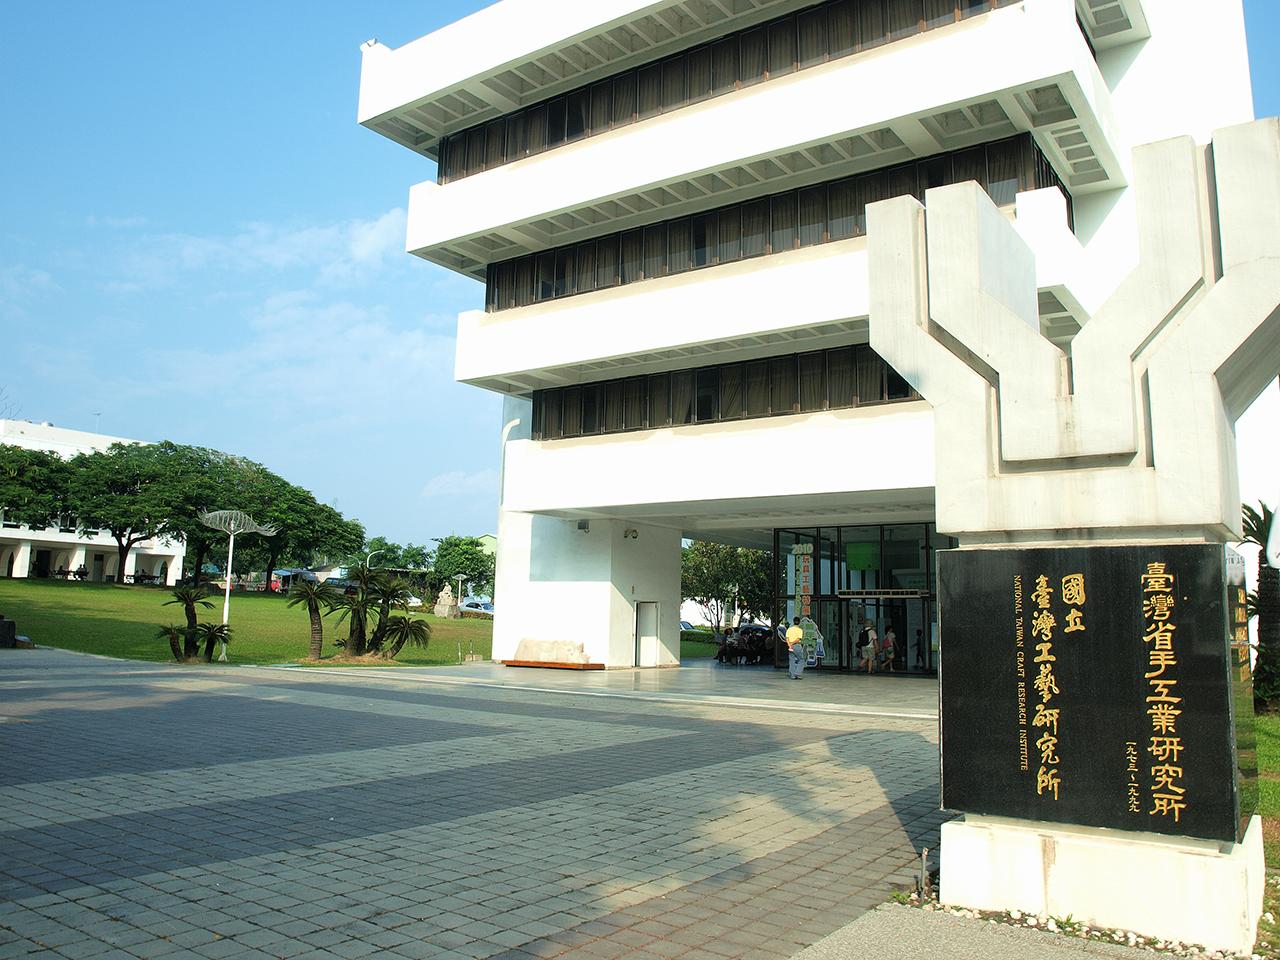 國立臺灣工藝研究所